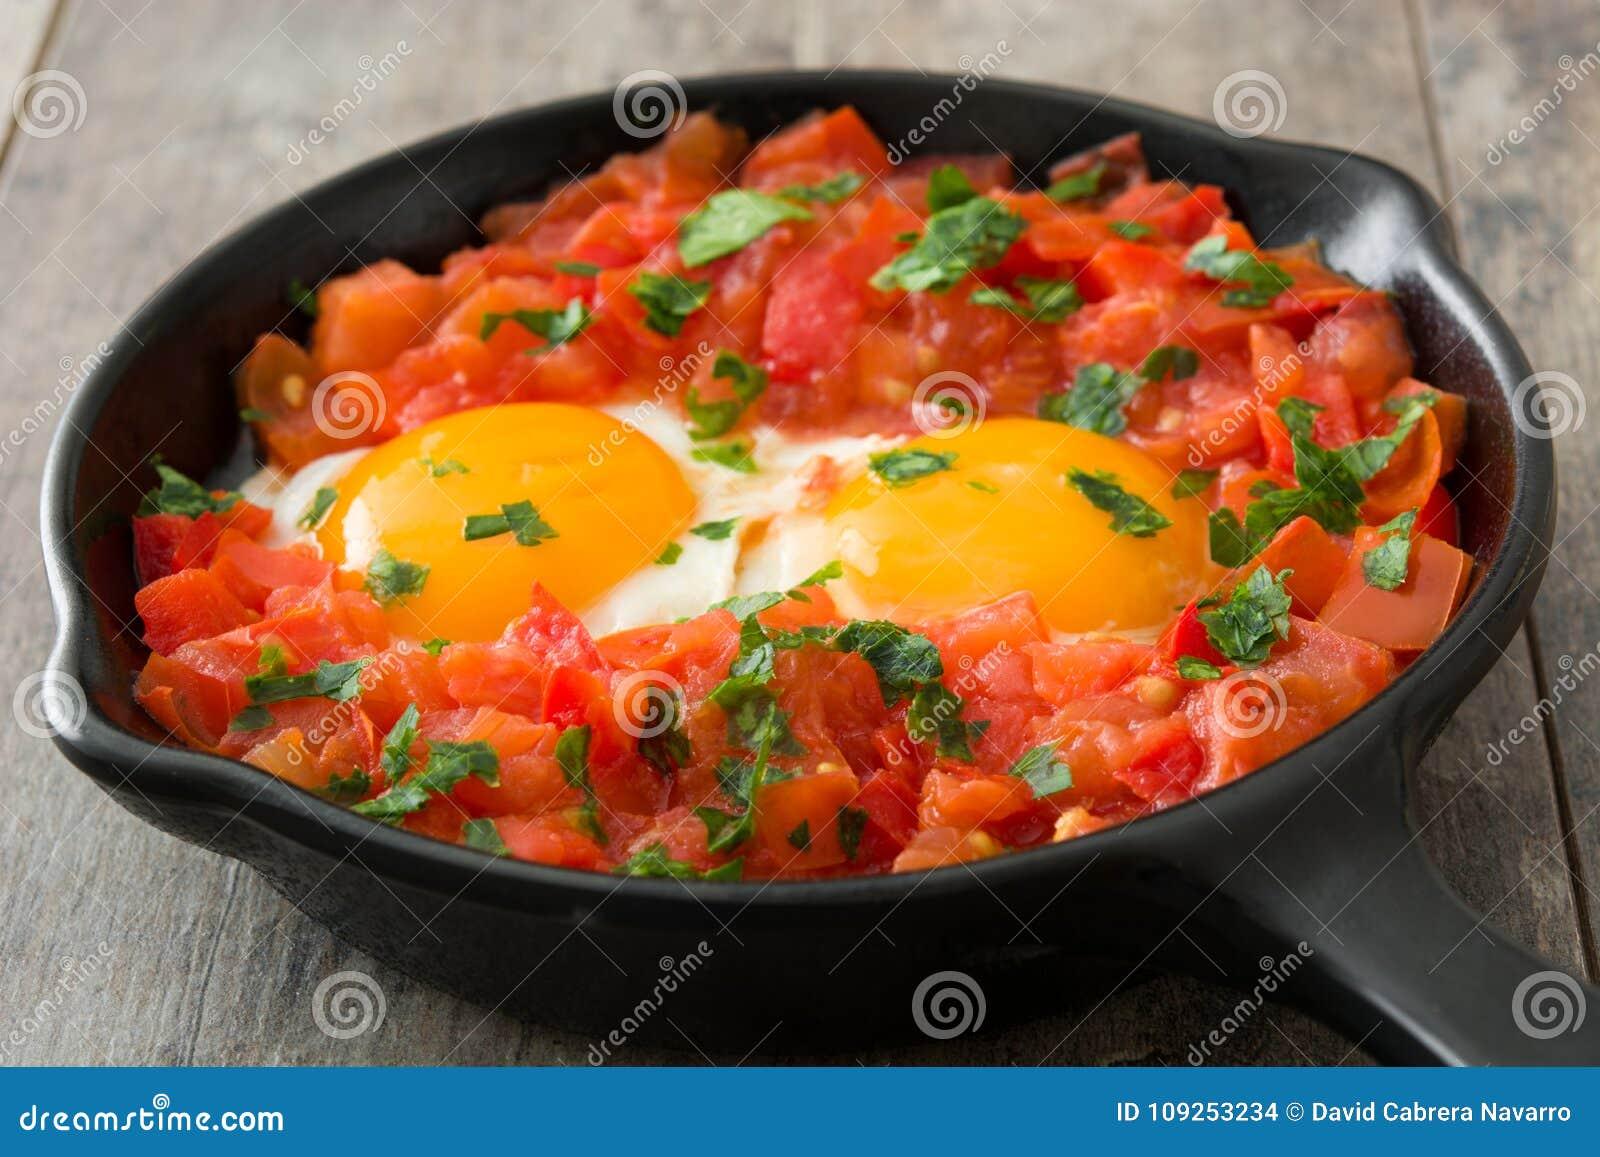 comida típica en el hierro